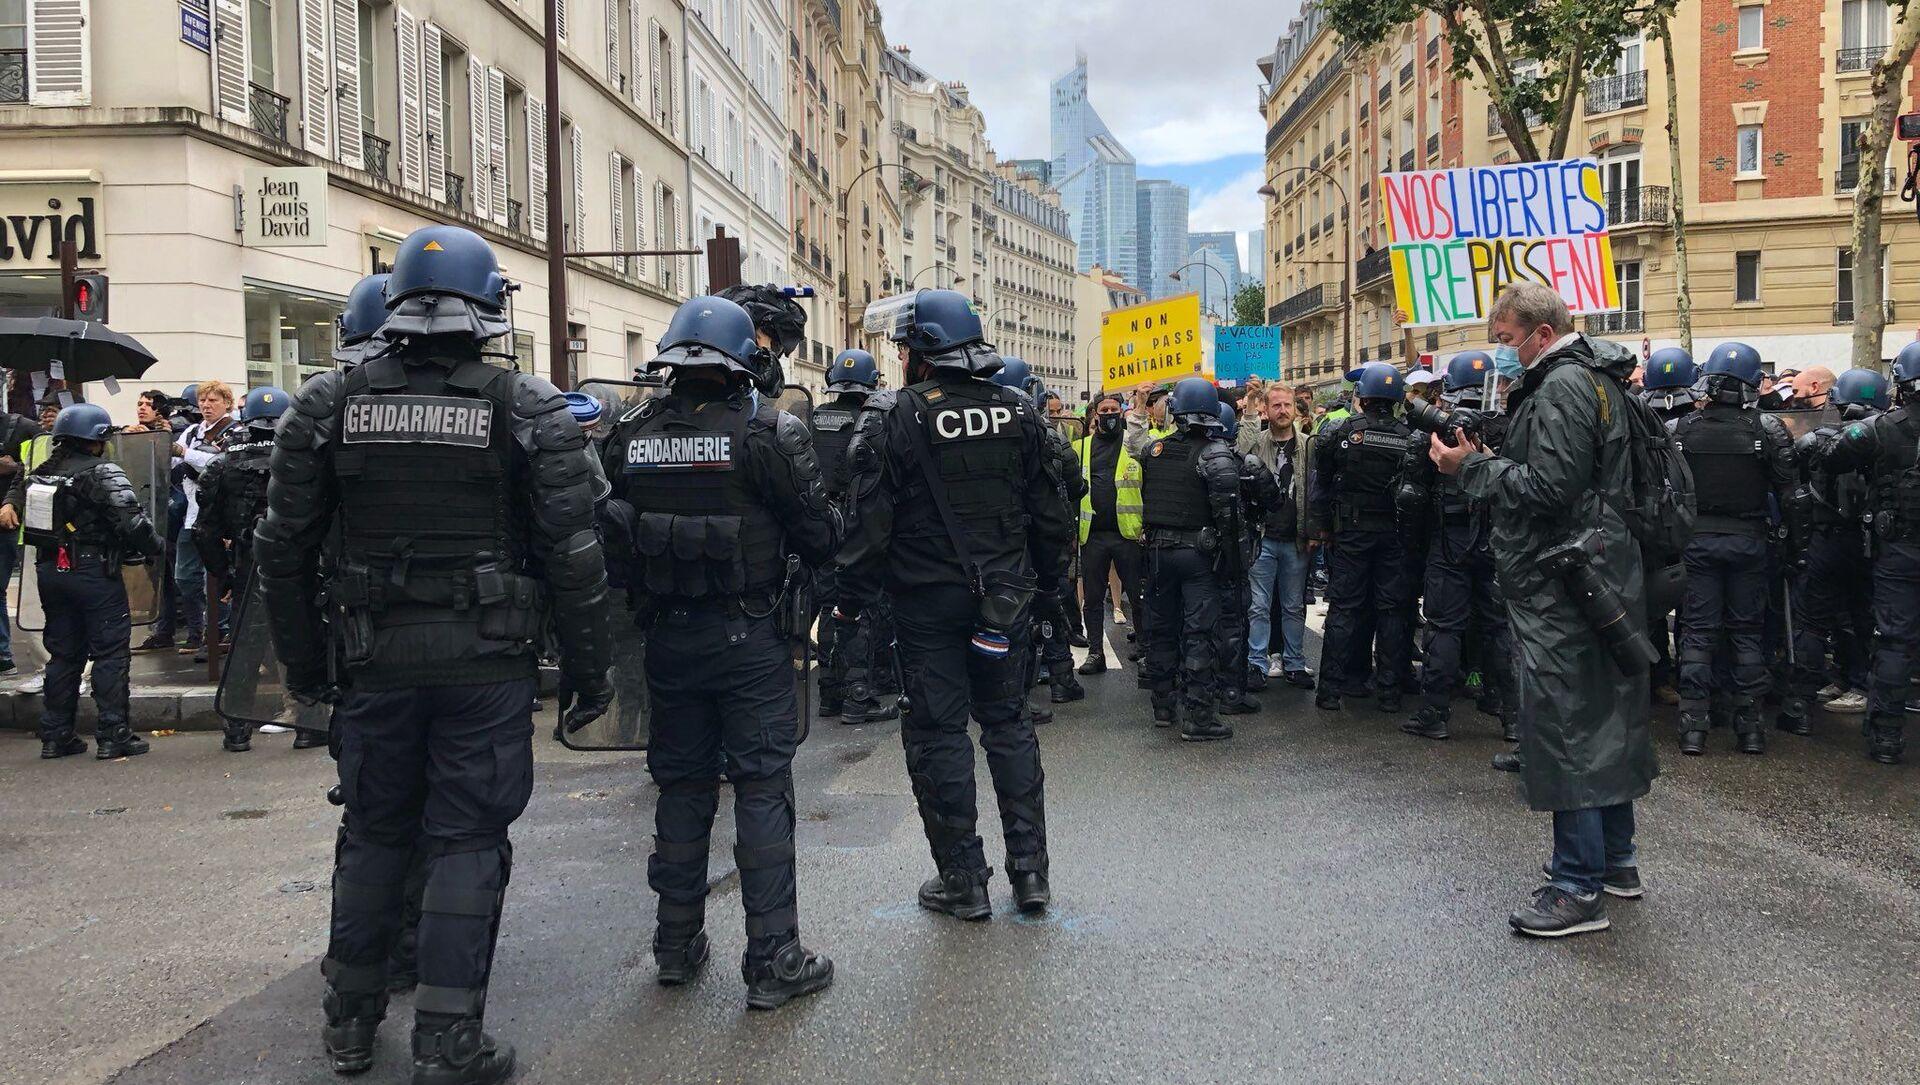 Une manifestation anti-pass sanitaire à Paris - Sputnik France, 1920, 15.08.2021